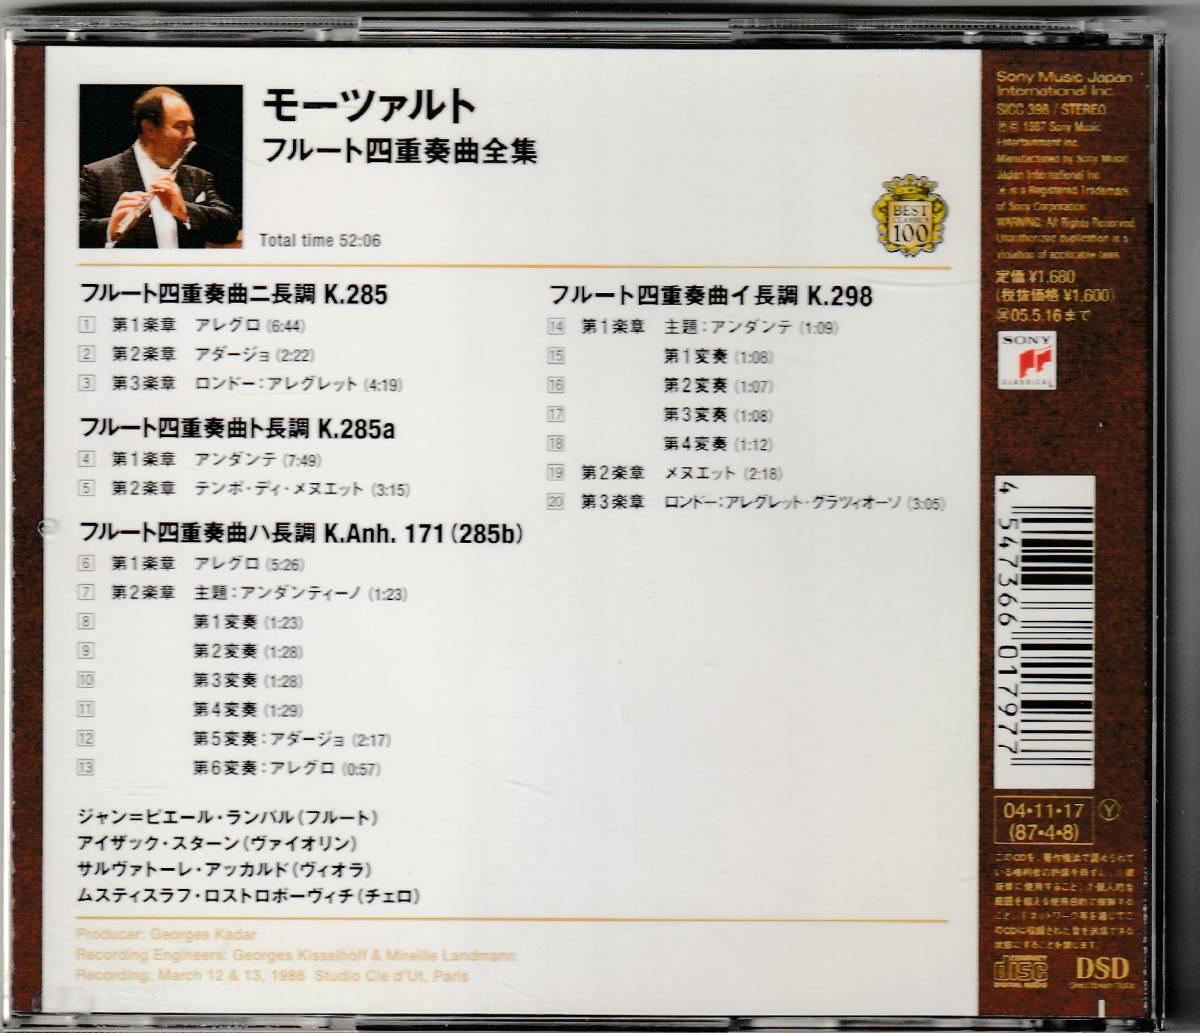 ランパル / モーツァルト:フルート四重奏曲全集_画像2